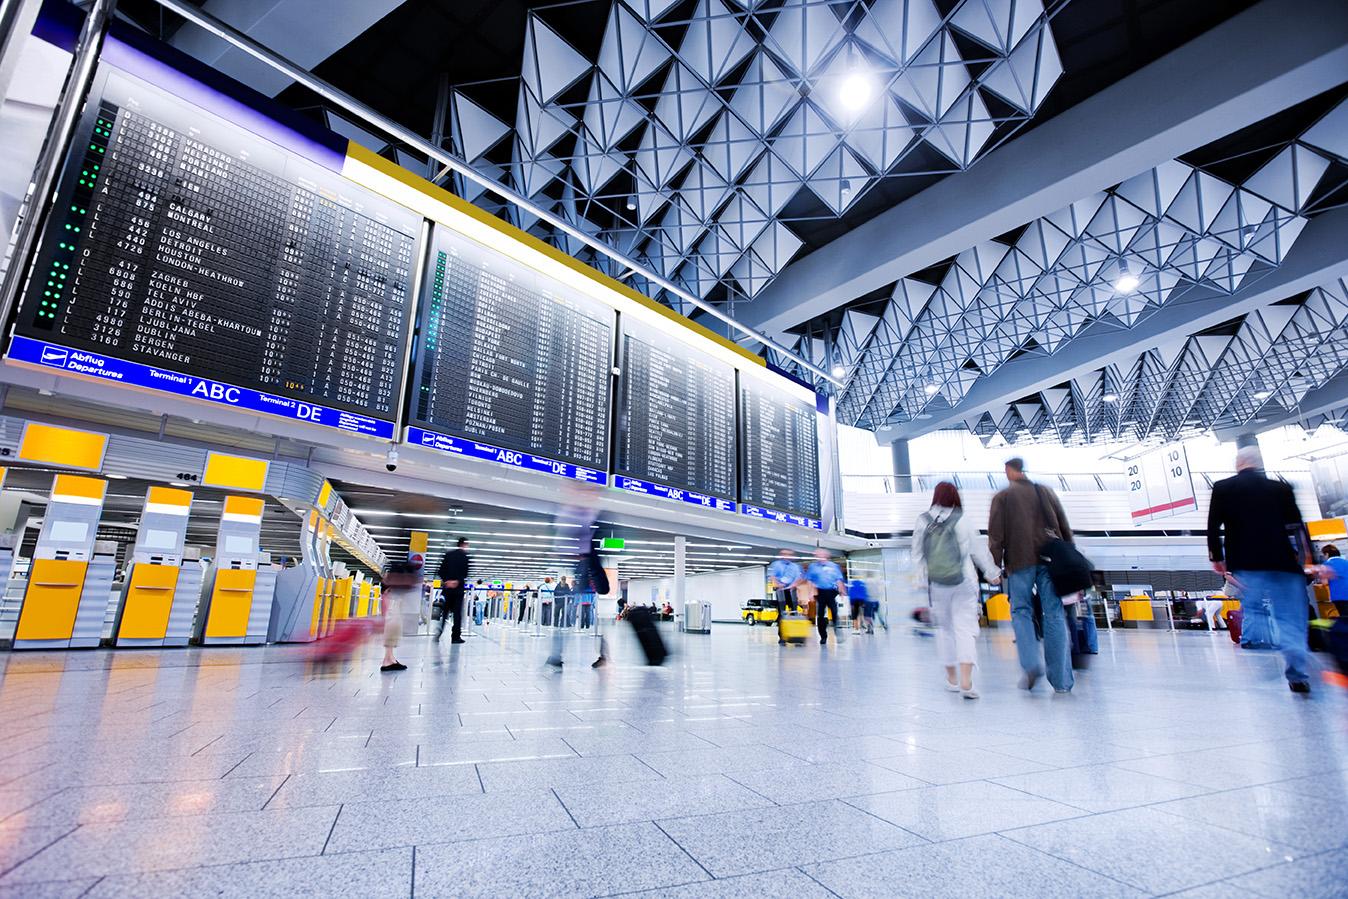 阅读了解阿提哈德如何在 15周内打造全数字化登机平台